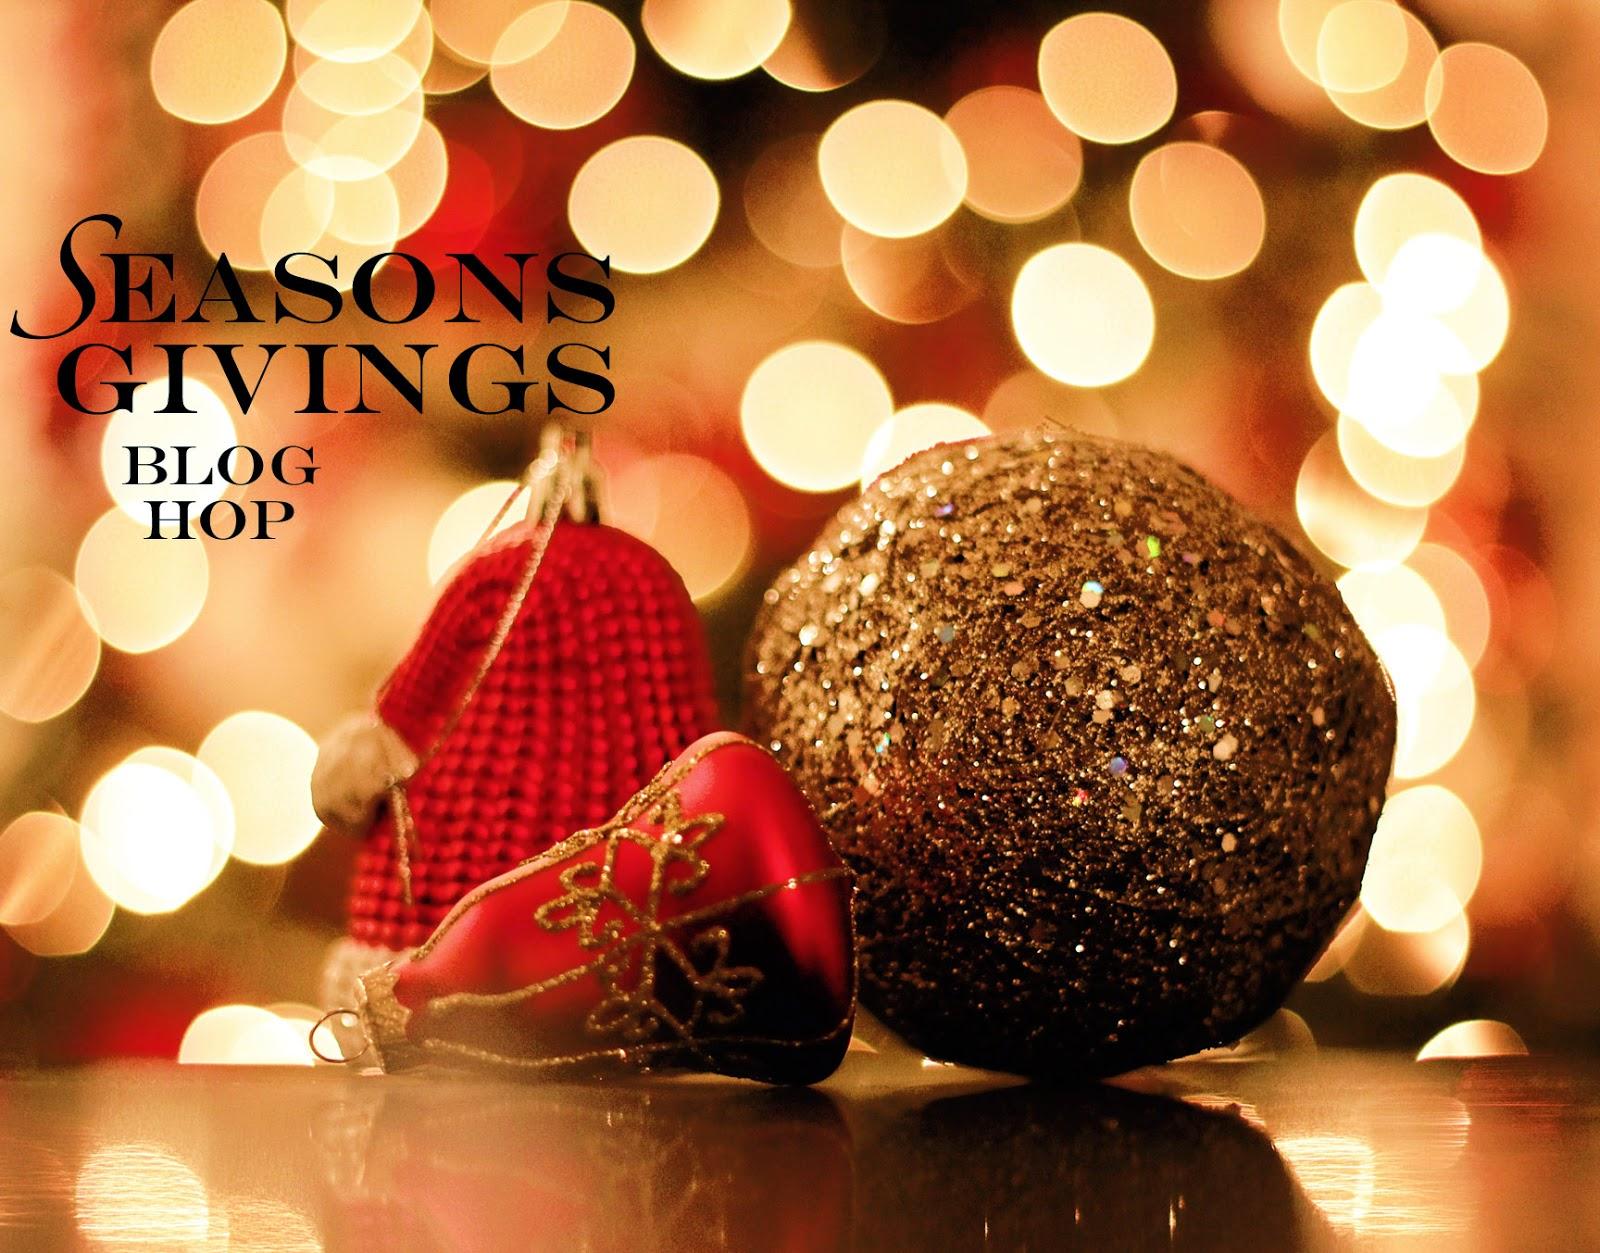 http://1.bp.blogspot.com/-v-vgdDbuLxo/VKLTkrtRS_I/AAAAAAAAKzM/0SaFxOlxm1c/s1600/SeasonsGivingsimage.jpg